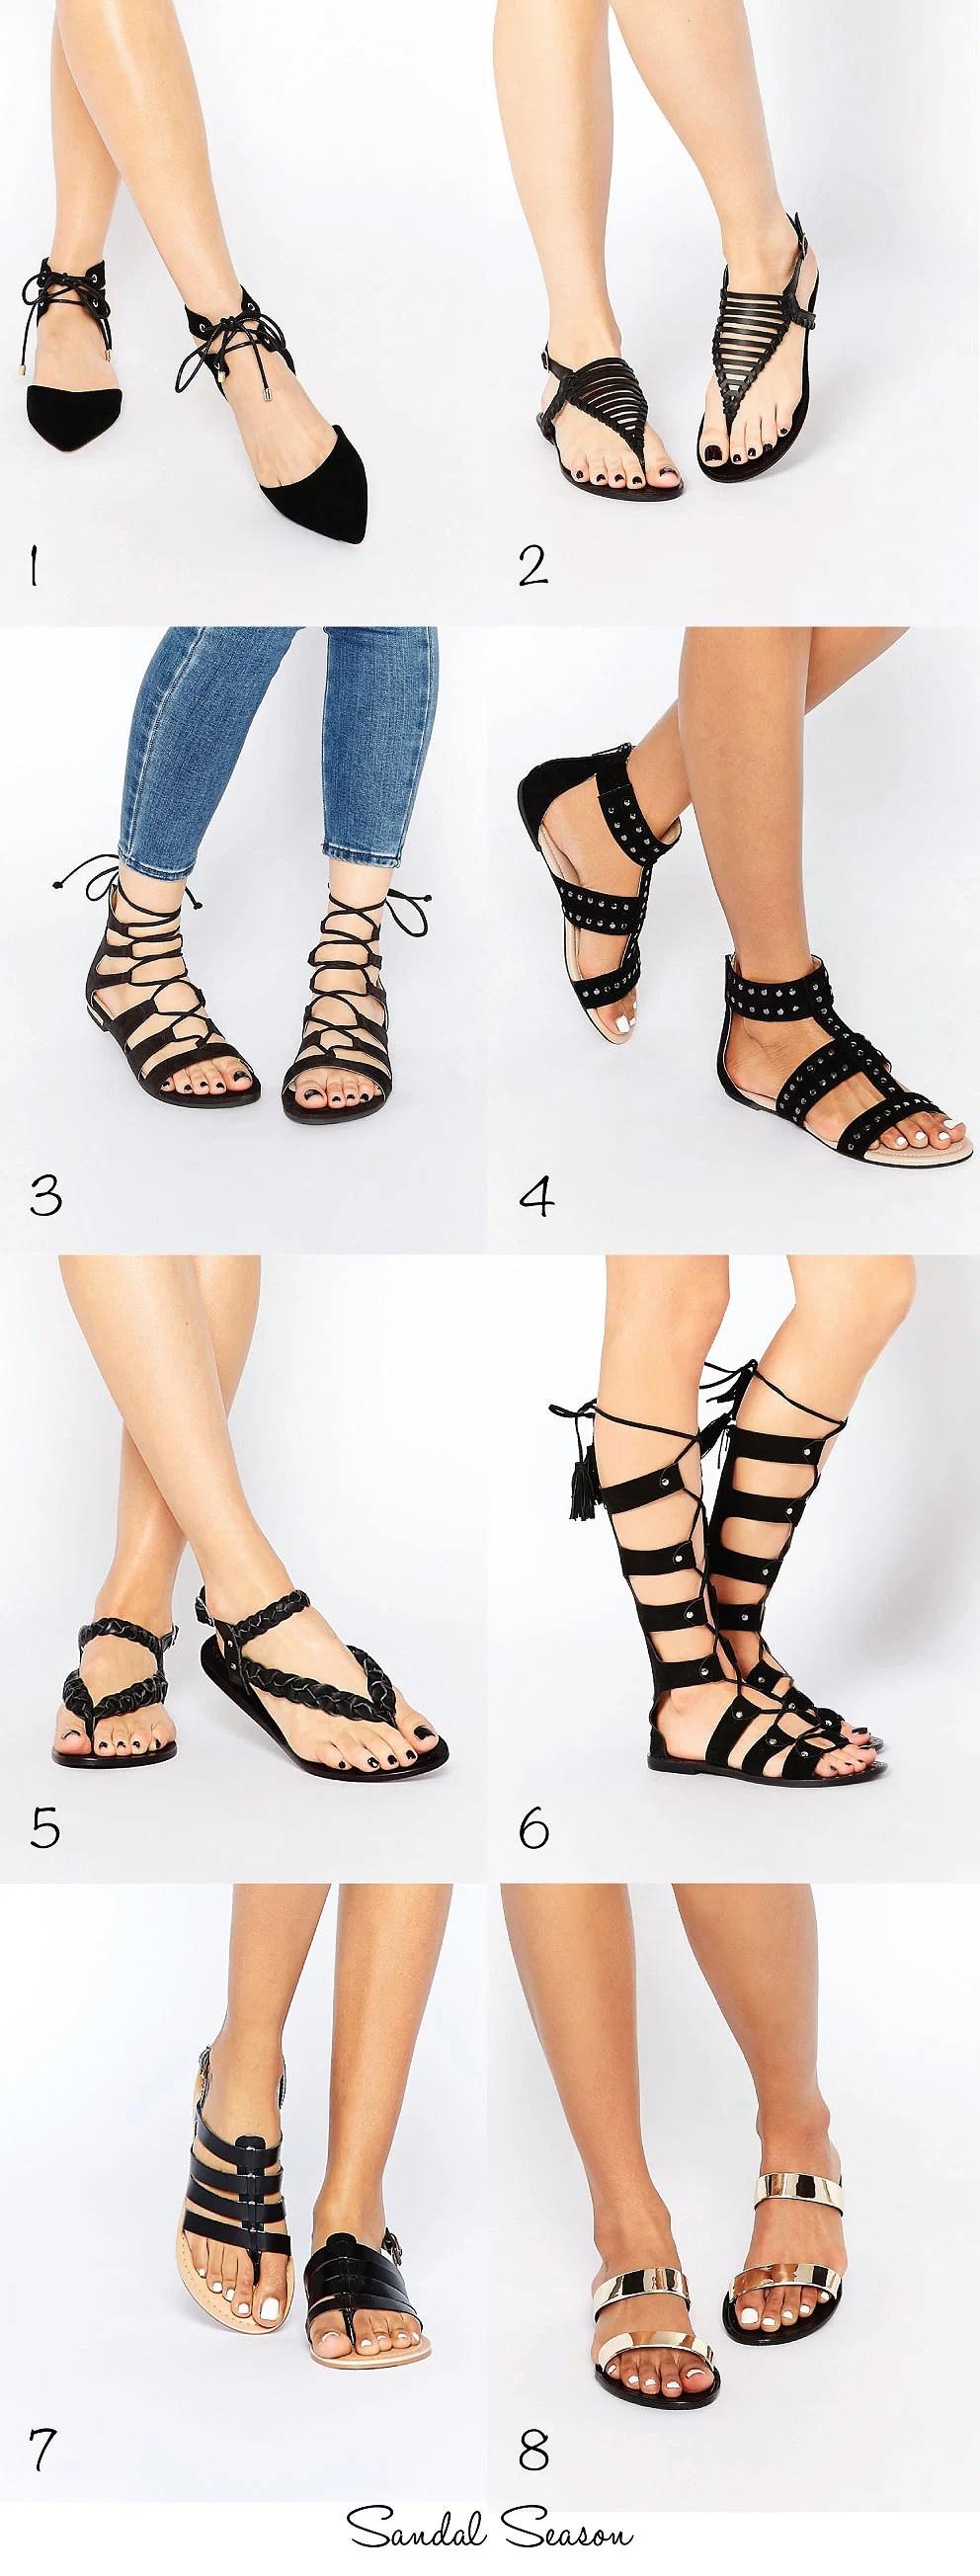 Asos, Asos sandaler, Sandal udsalg, Asos udsalg, Mid Season Sale, It's My Passions, Modeblogger